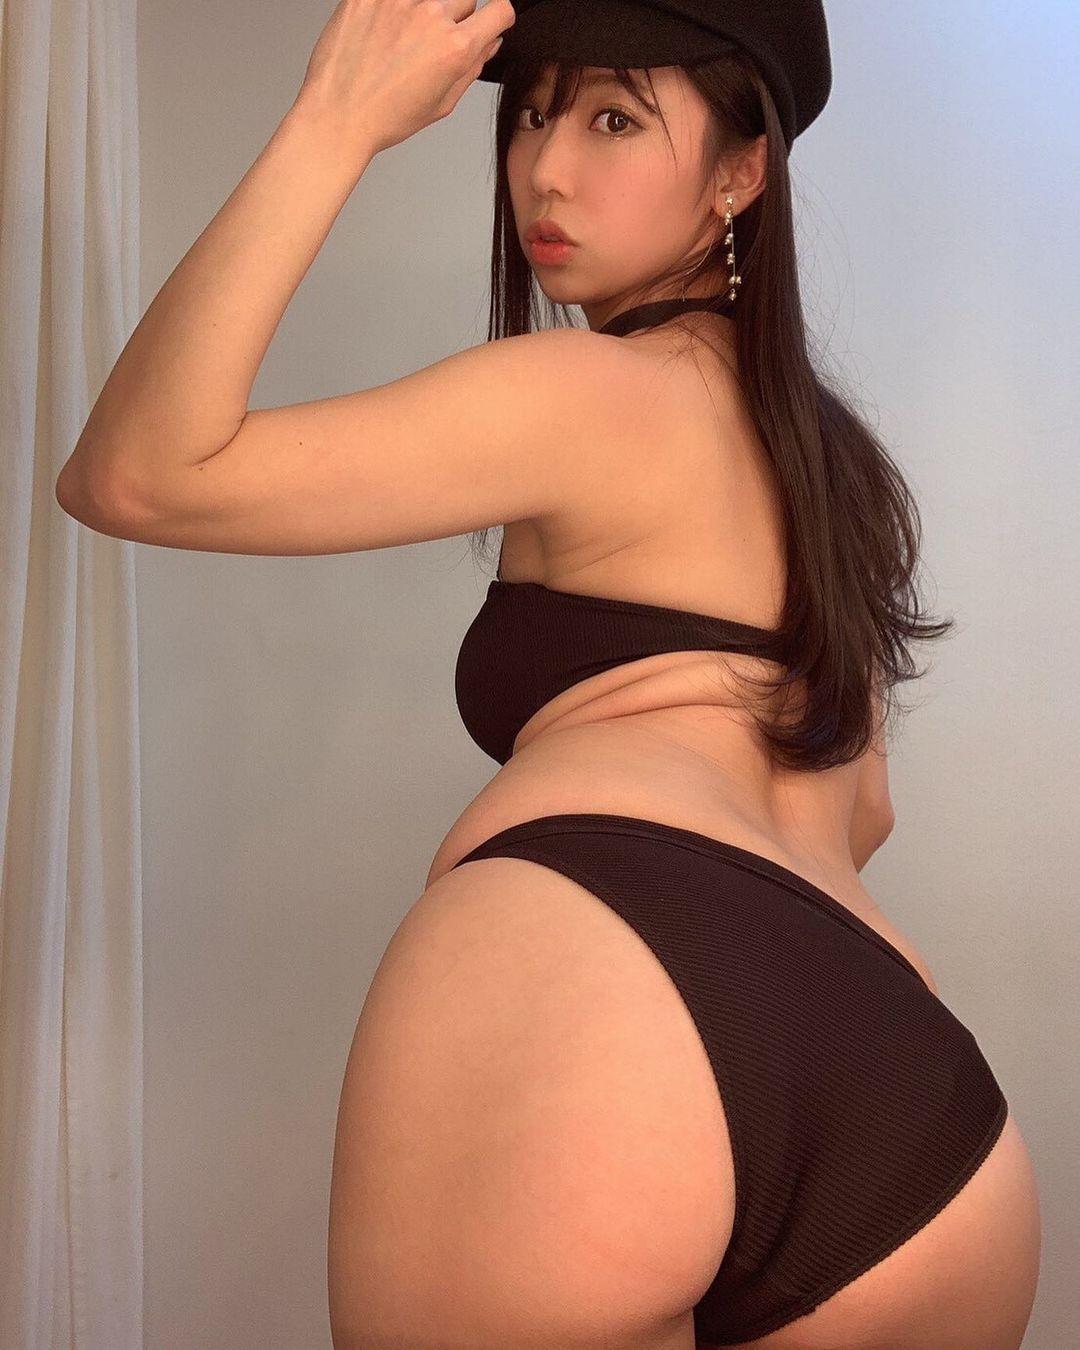 suzuki_fumina375.jpg